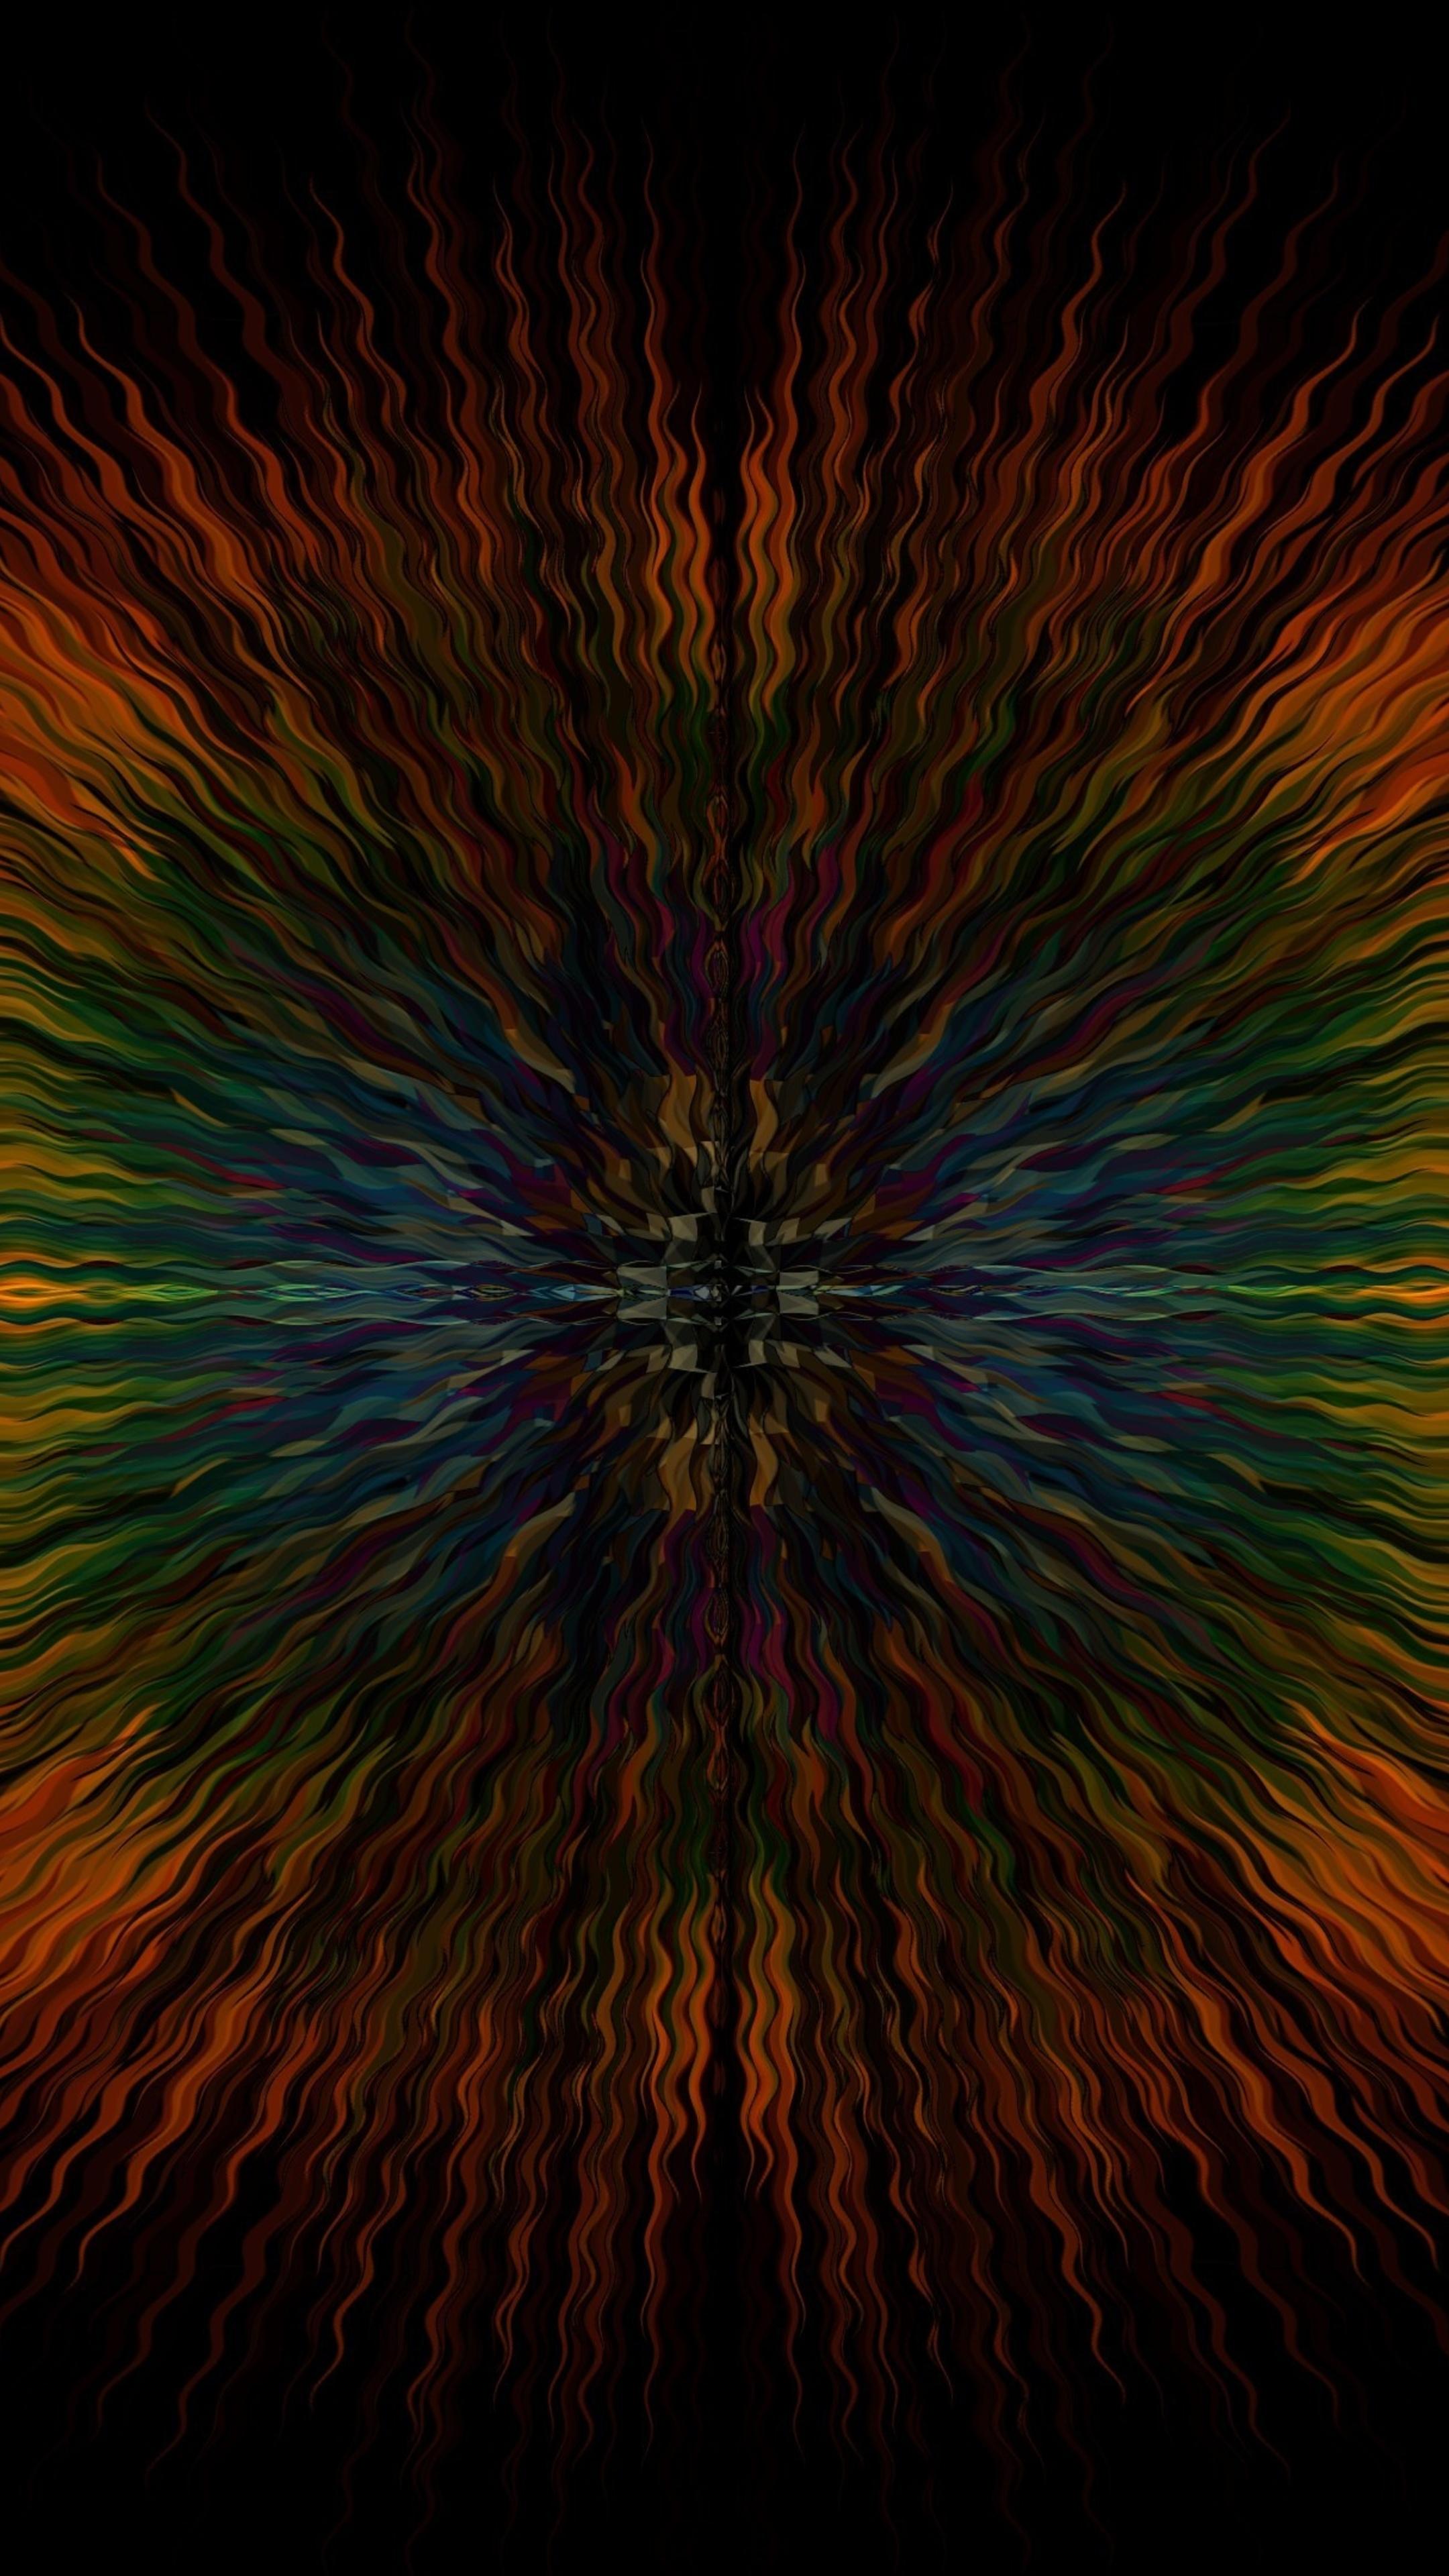 abstract-illustration-illusion-jt.jpg